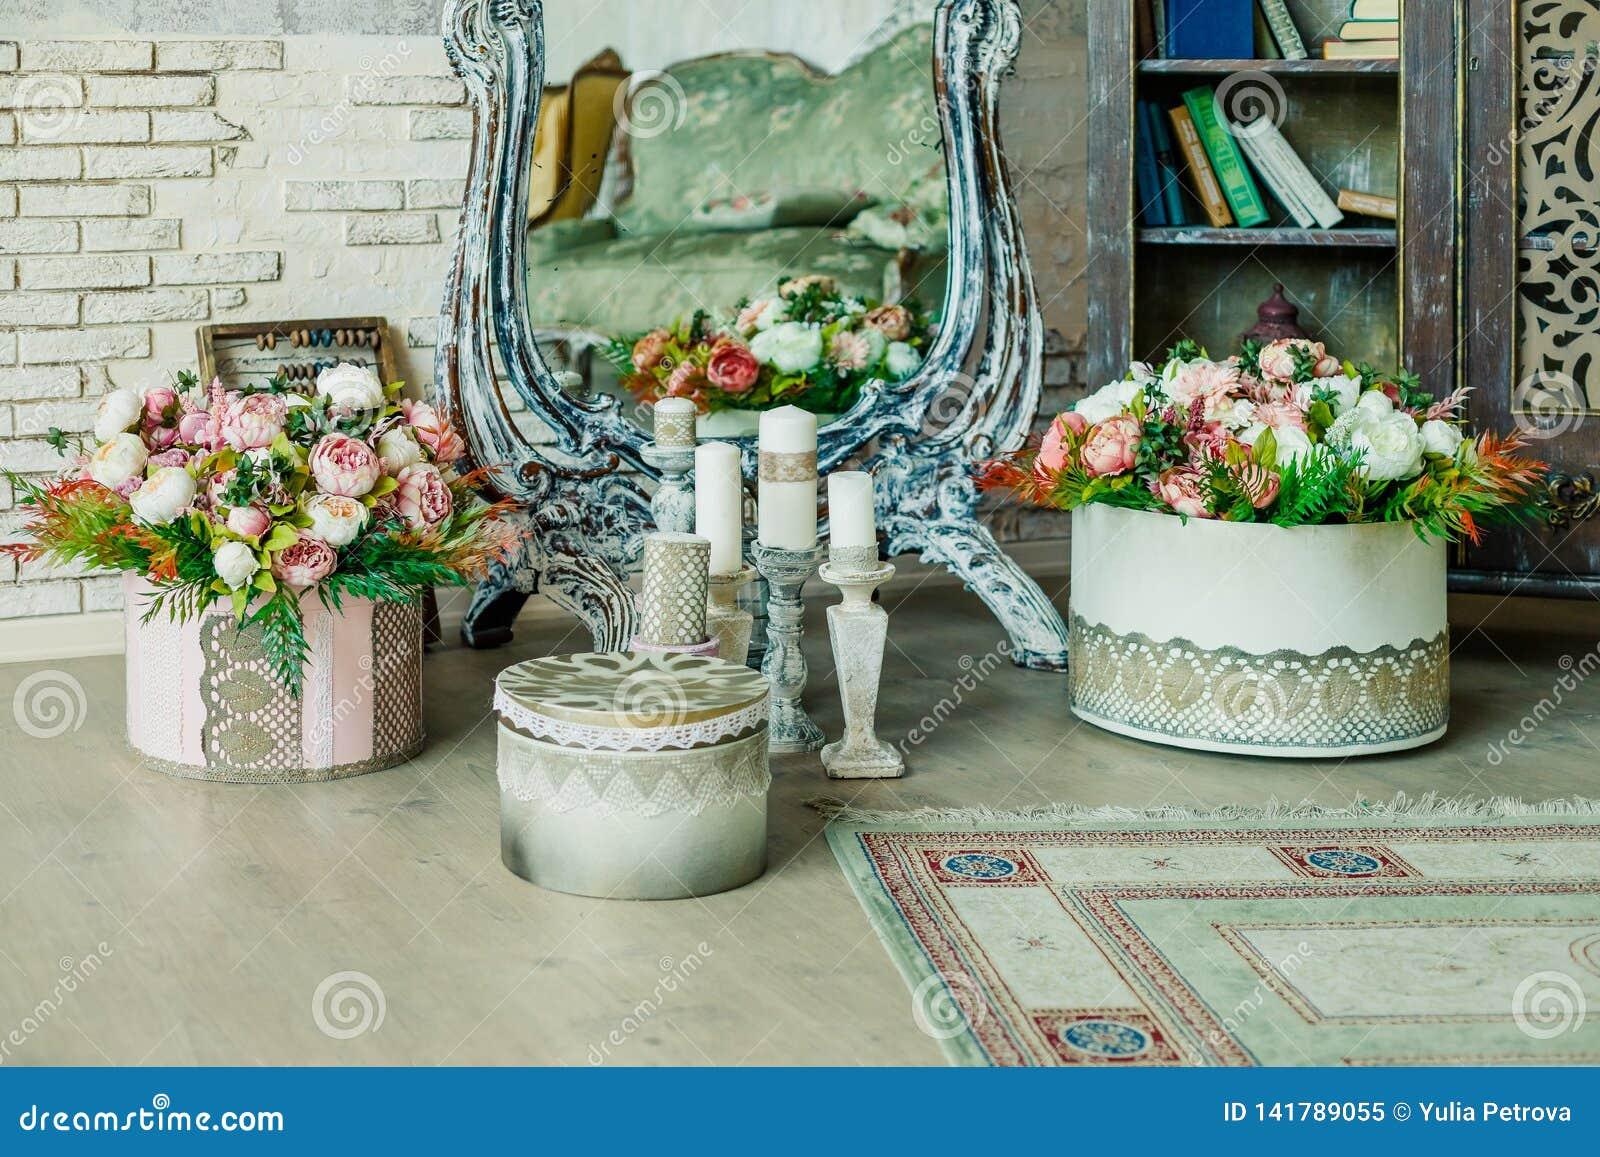 Затрапезный шикарный интерьер комнаты Оформление свадьбы, комната украшенная для затрапезной шикарной деревенской свадьбы, с мног